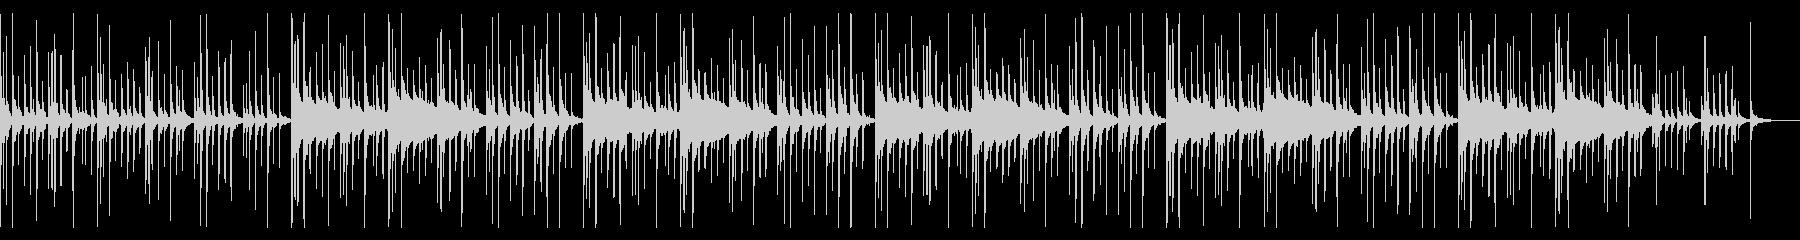 グロッケン(鉄琴)抜きの未再生の波形